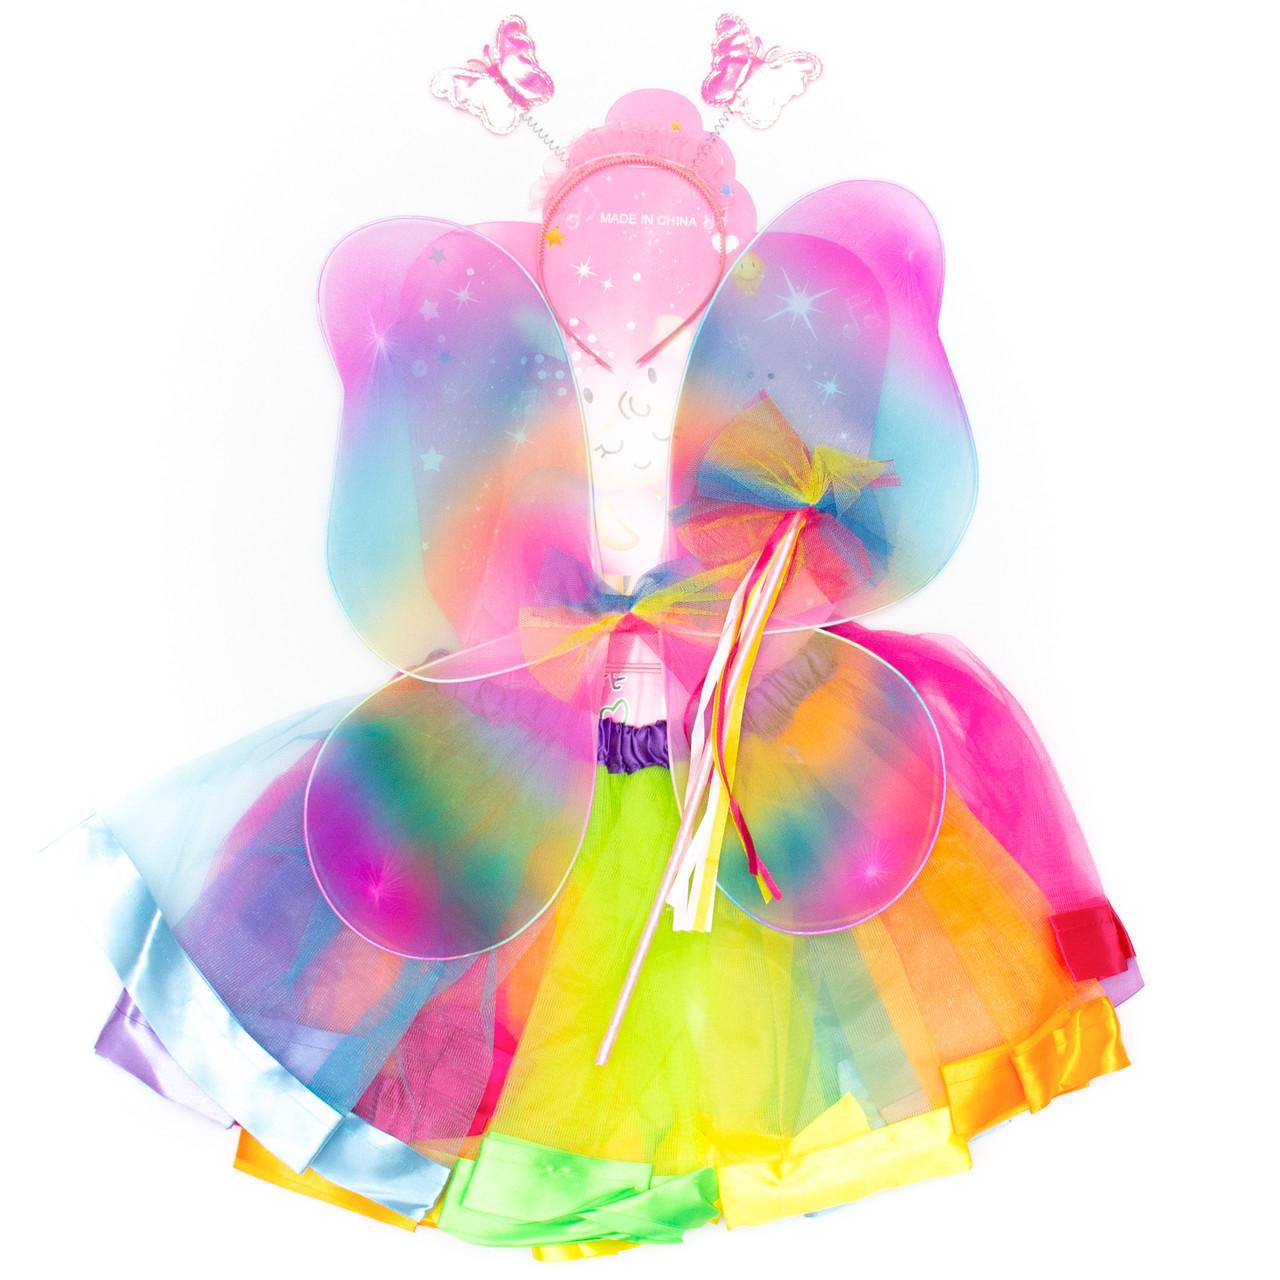 Карнавальный костюм бабочка, разноцветный - юбочка, крылья, тиара, волшебная палочка (513603)